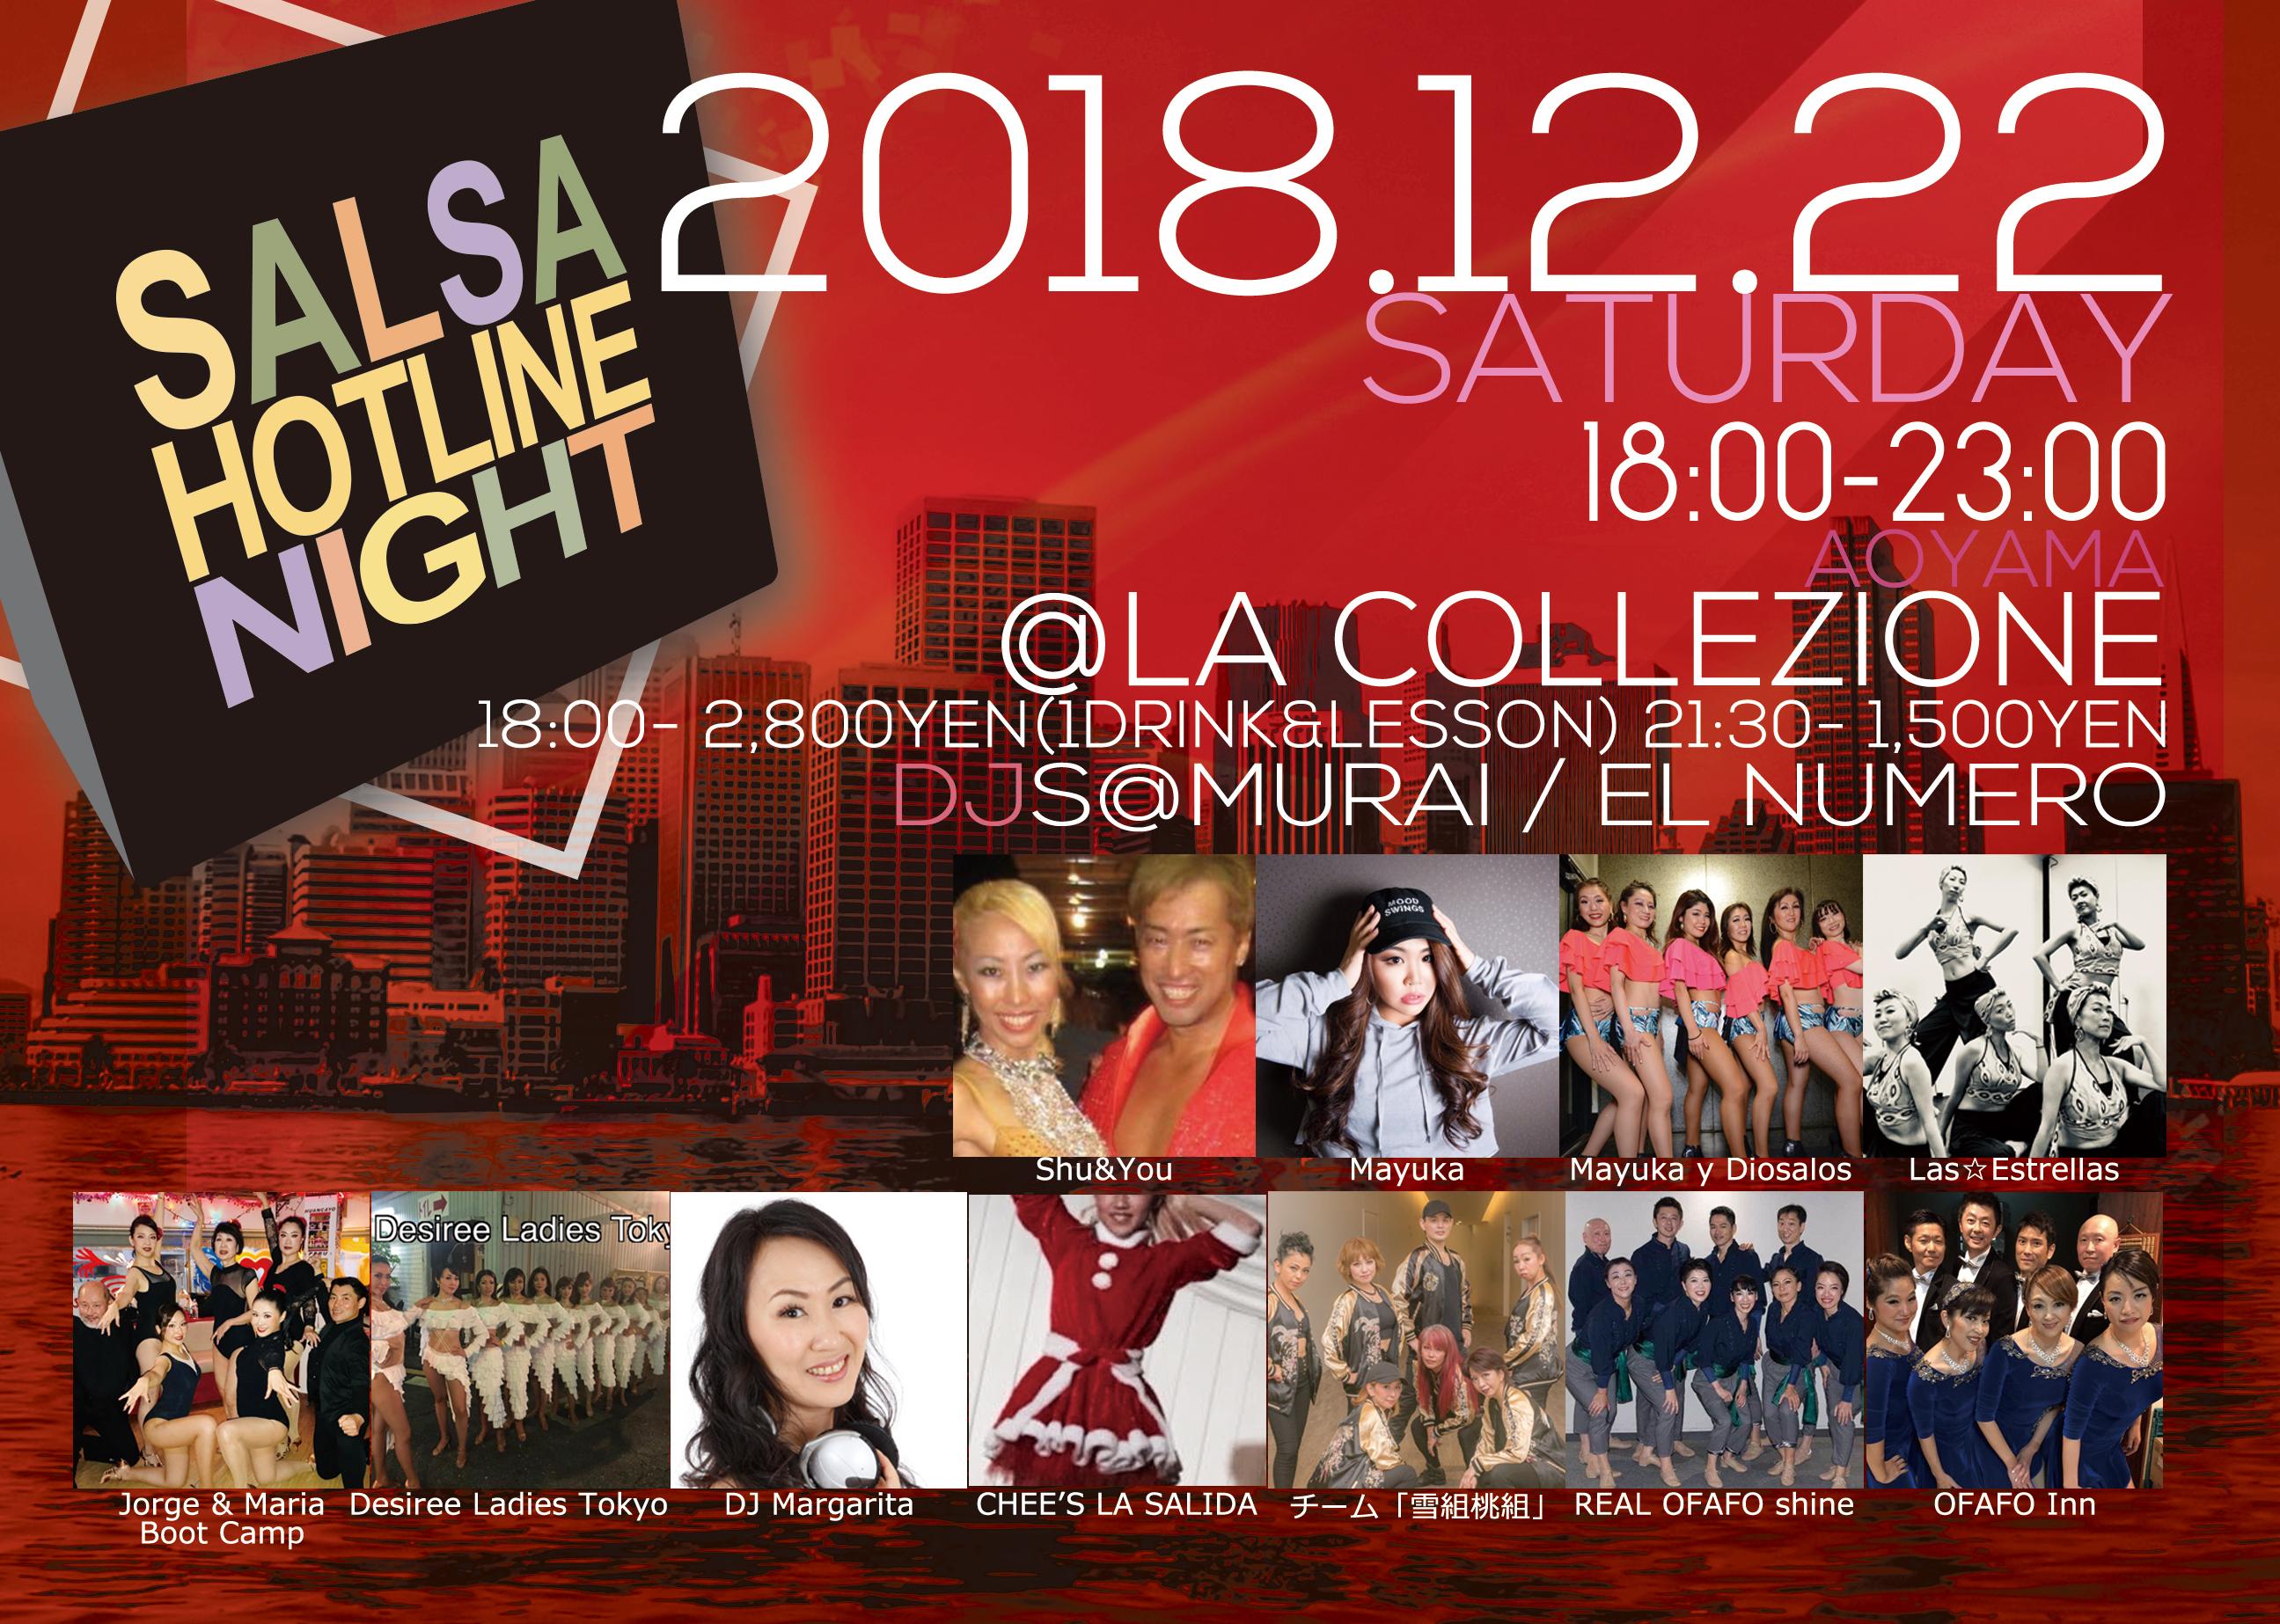 第244回 Salsa Hotline Night(サルホナイト)@ 青山ラ コレッツィオーネ 【お得な早割あり!】